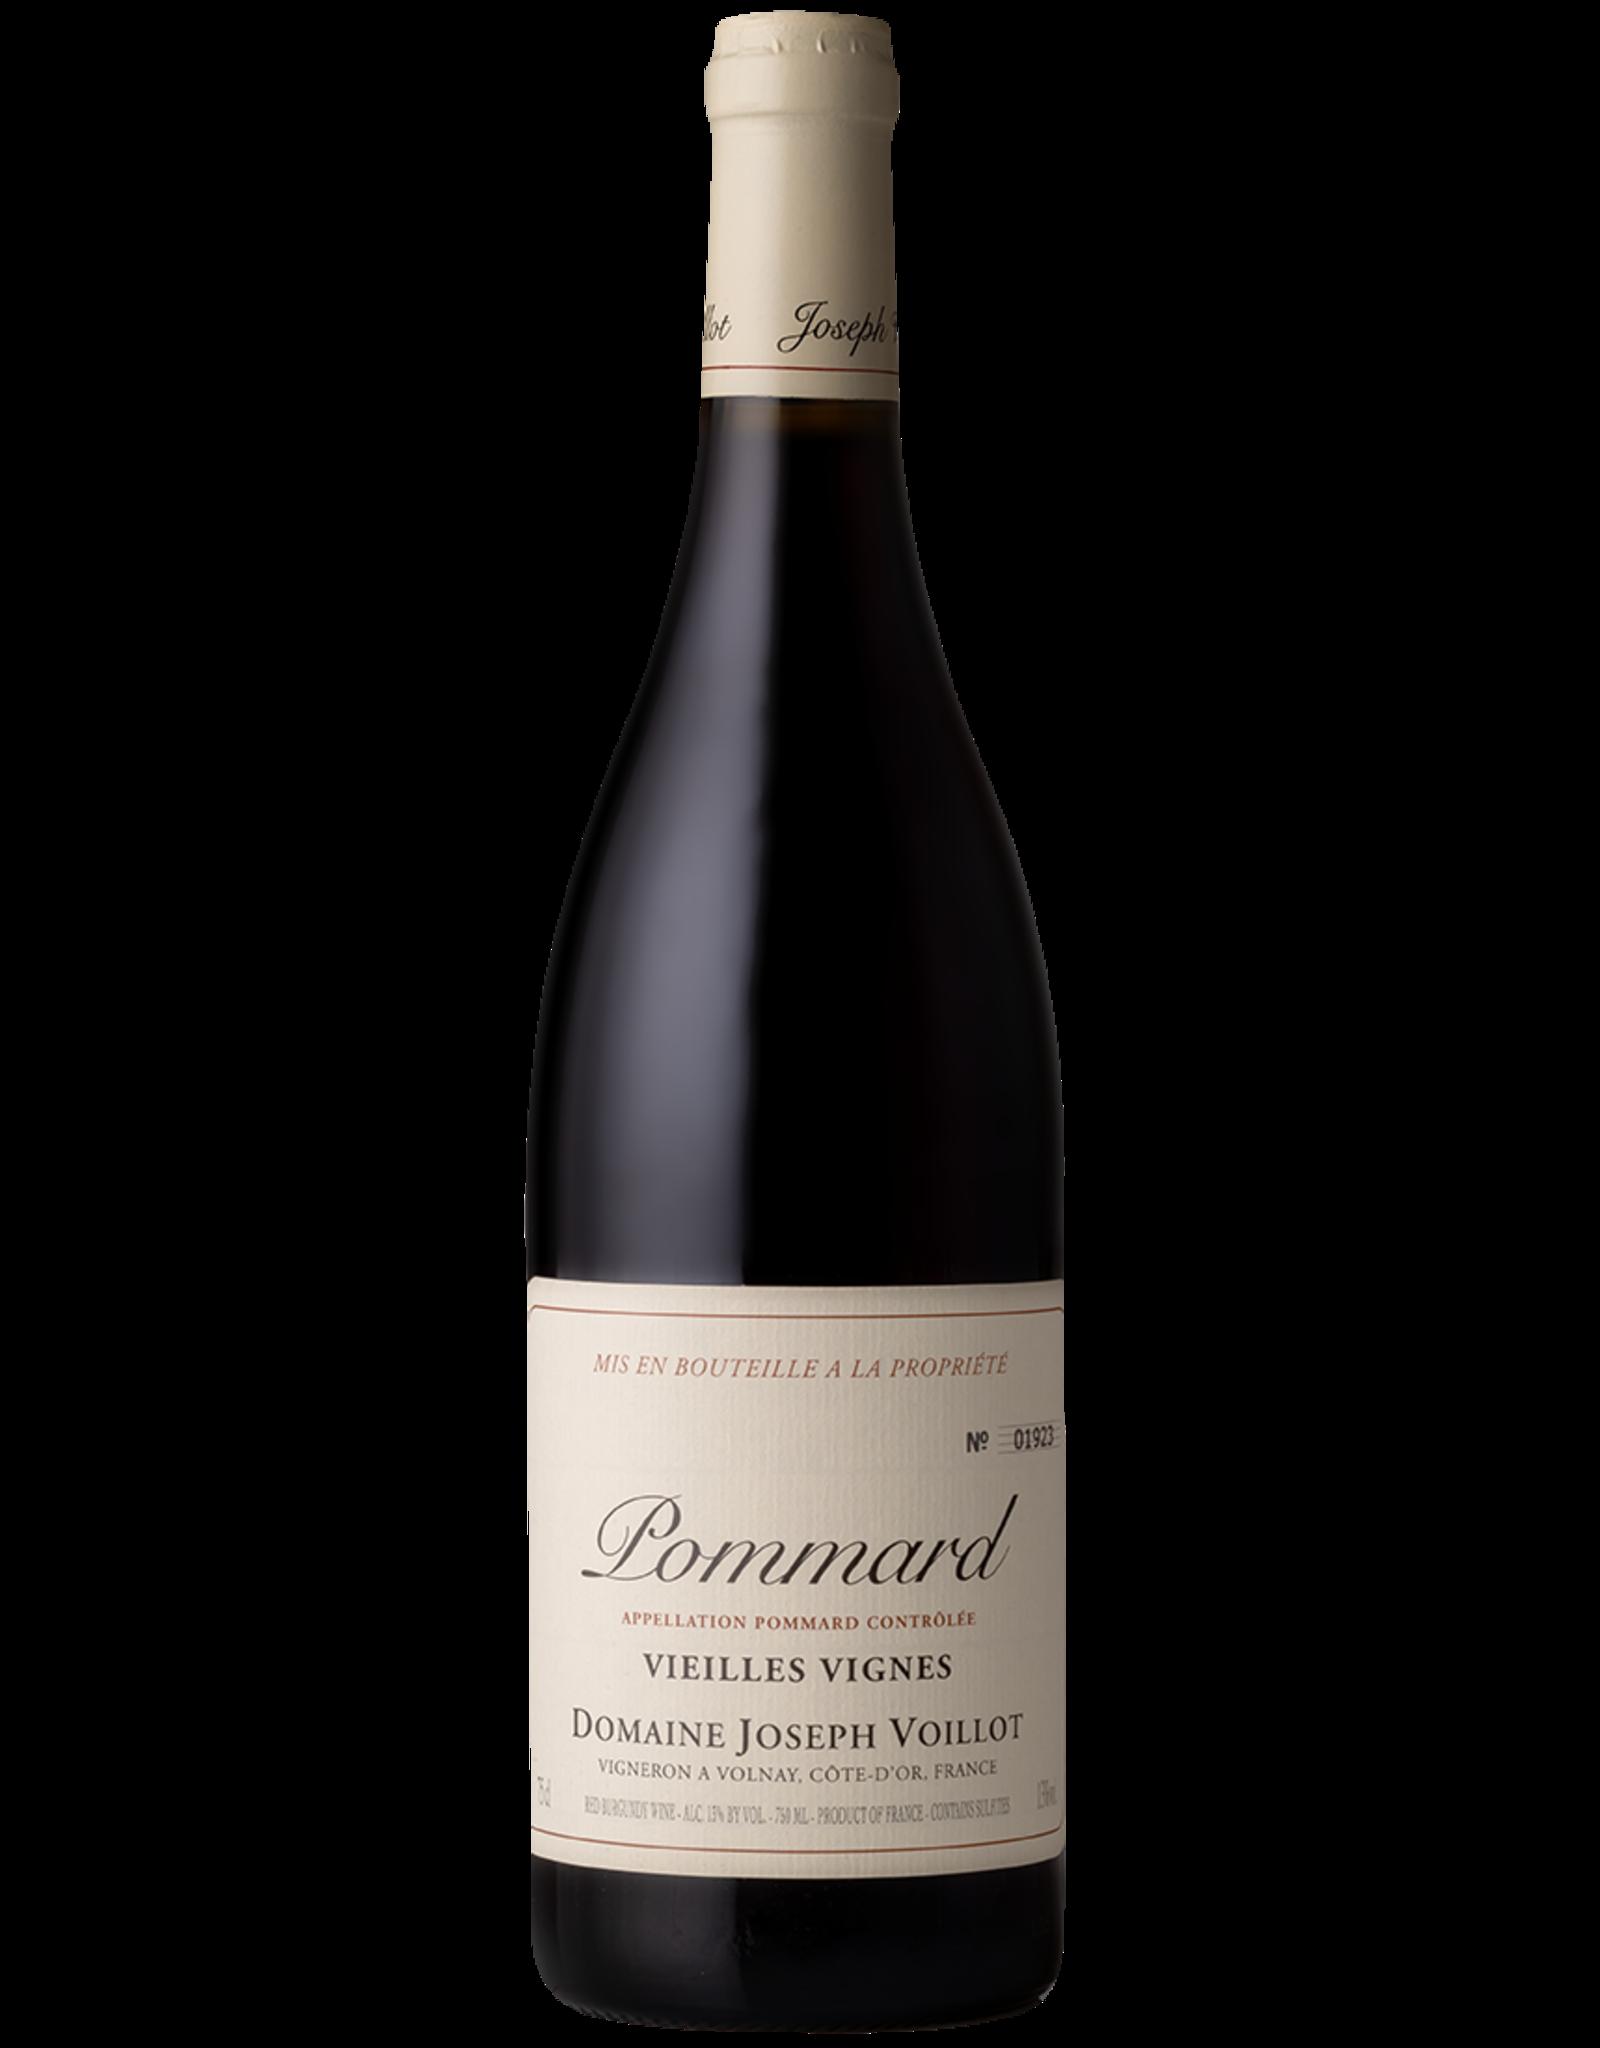 Domaine Joseph Voillot Pommard Vieilles Vignes